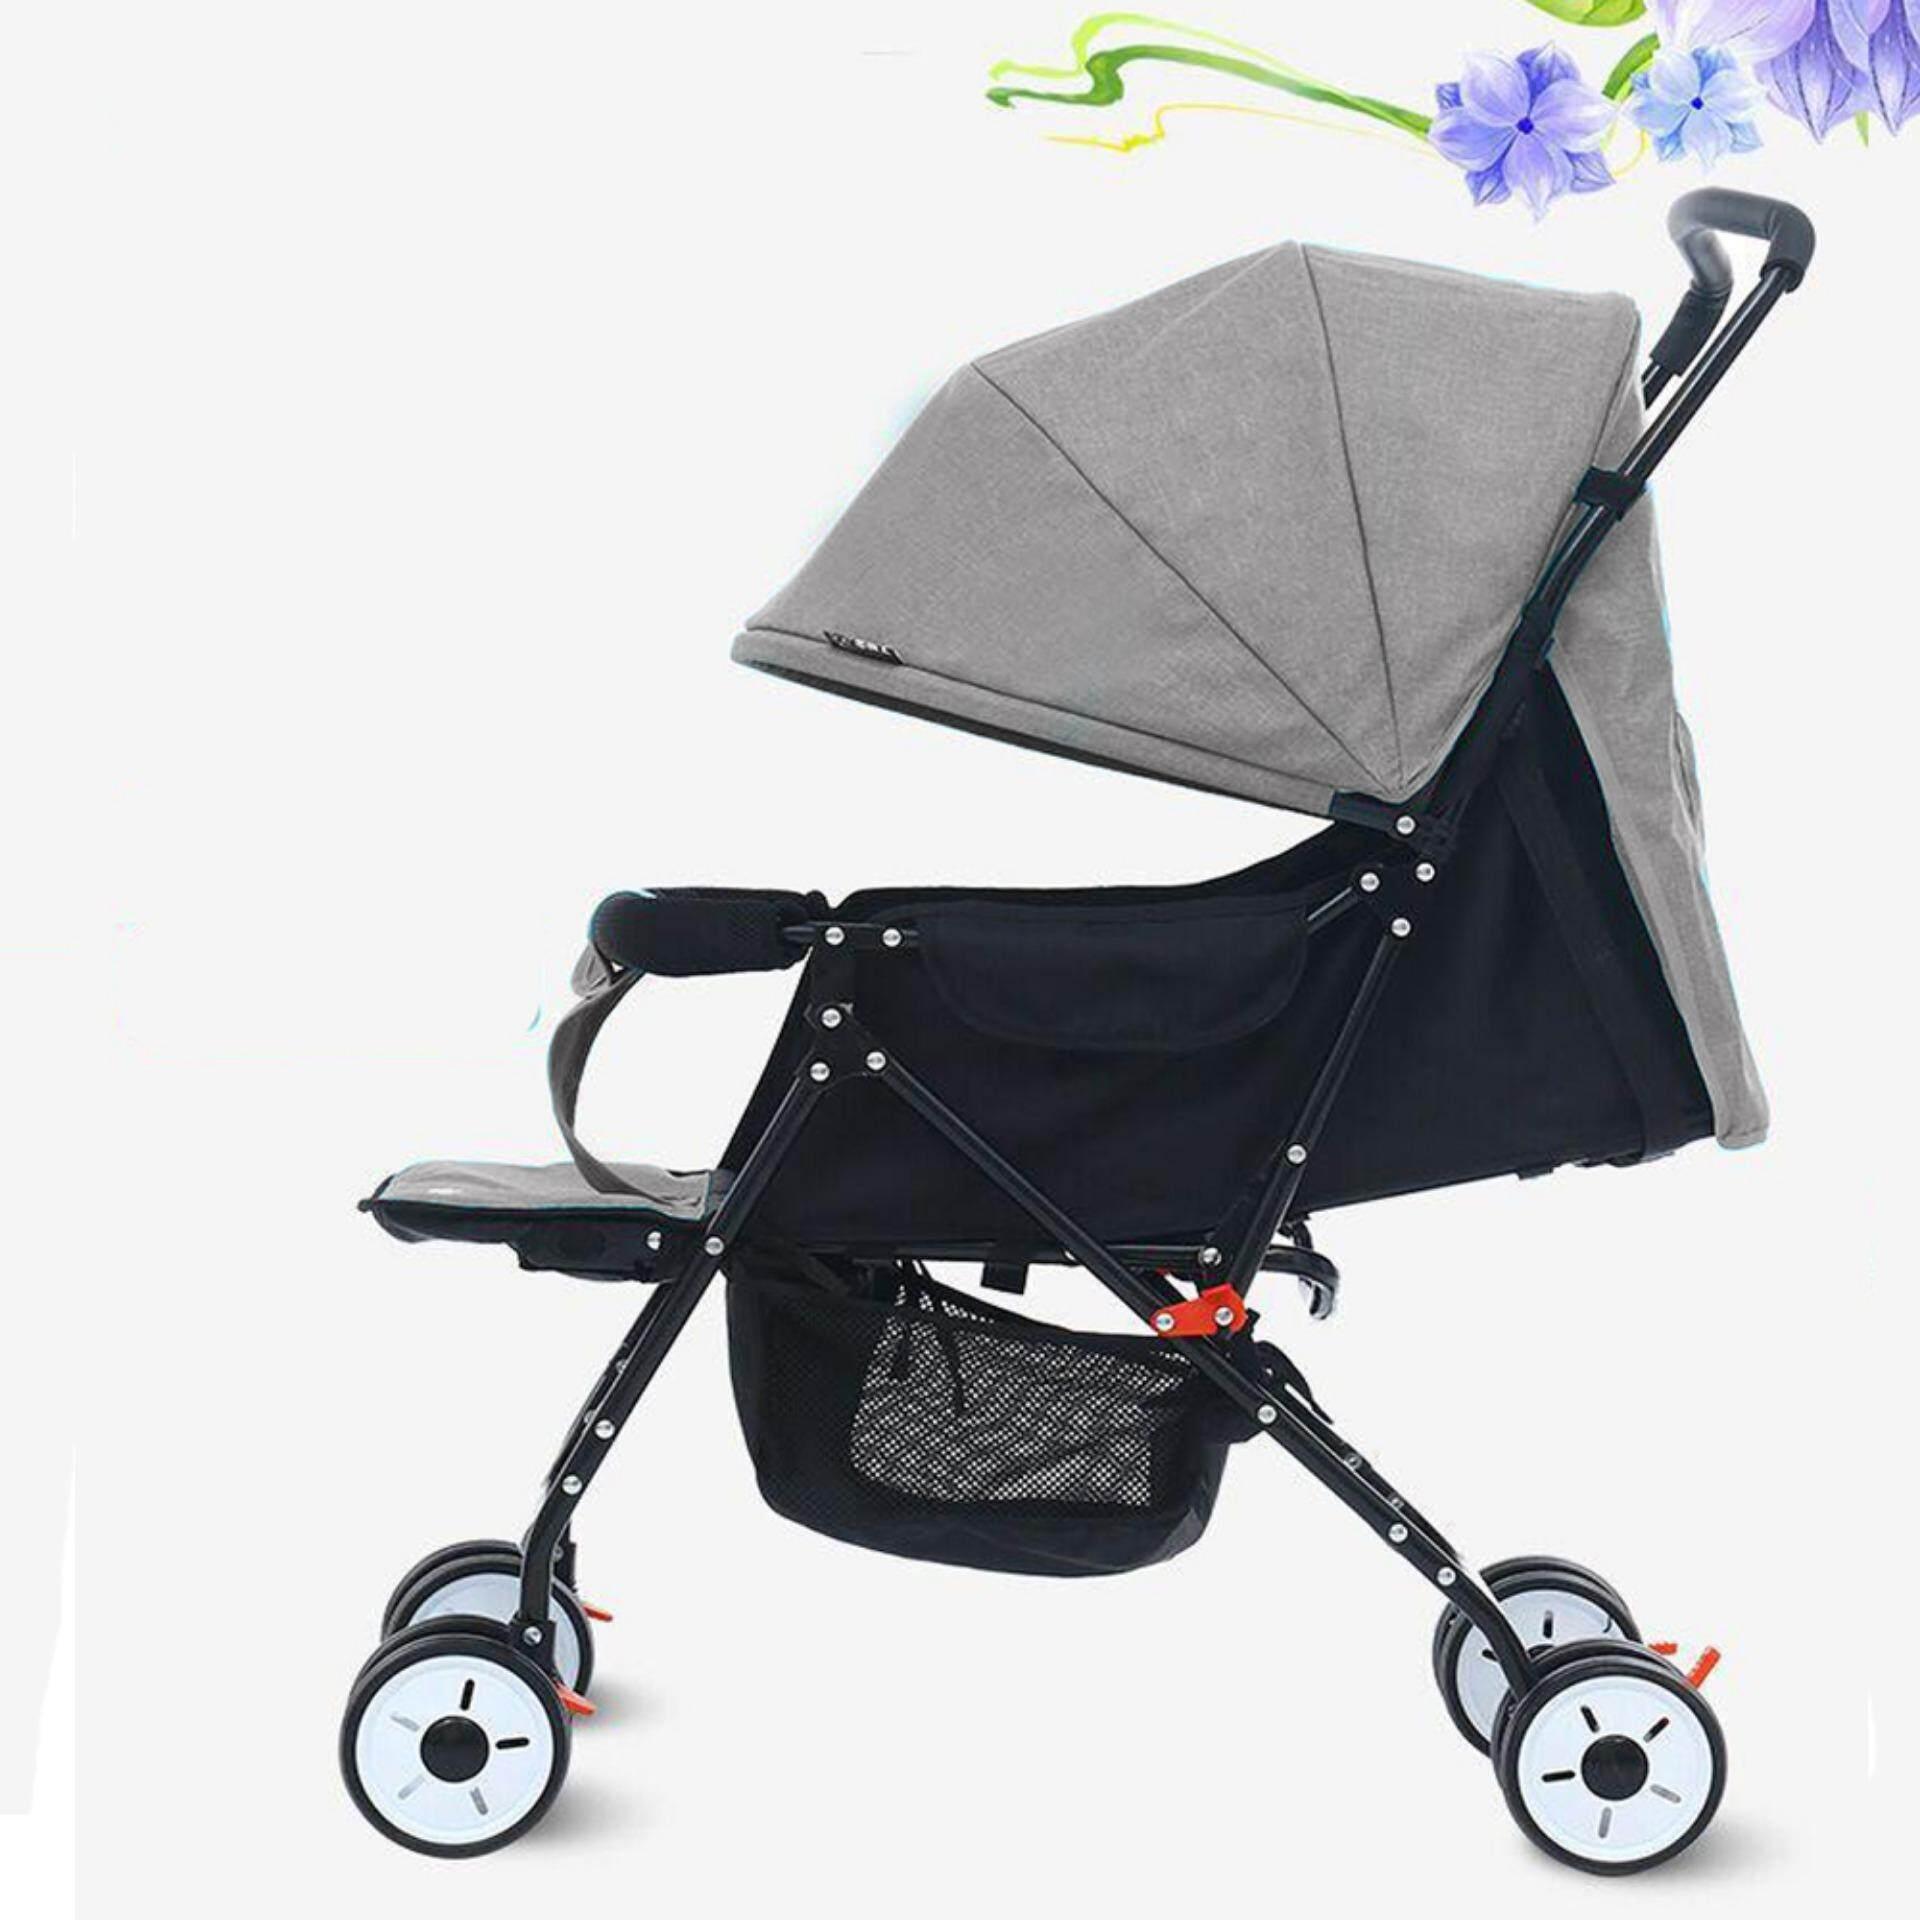 ของแท้และส่งฟรี GOODBABY รถเข็นเด็กแบบนอน BabyMom Neolife - Goodbaby รถเข็นเด็ก รุ่น GB Smart พับได้มือเดียว น้ำหนักเบา พกพาสะดวก ขายถูกที่สุดแล้ว